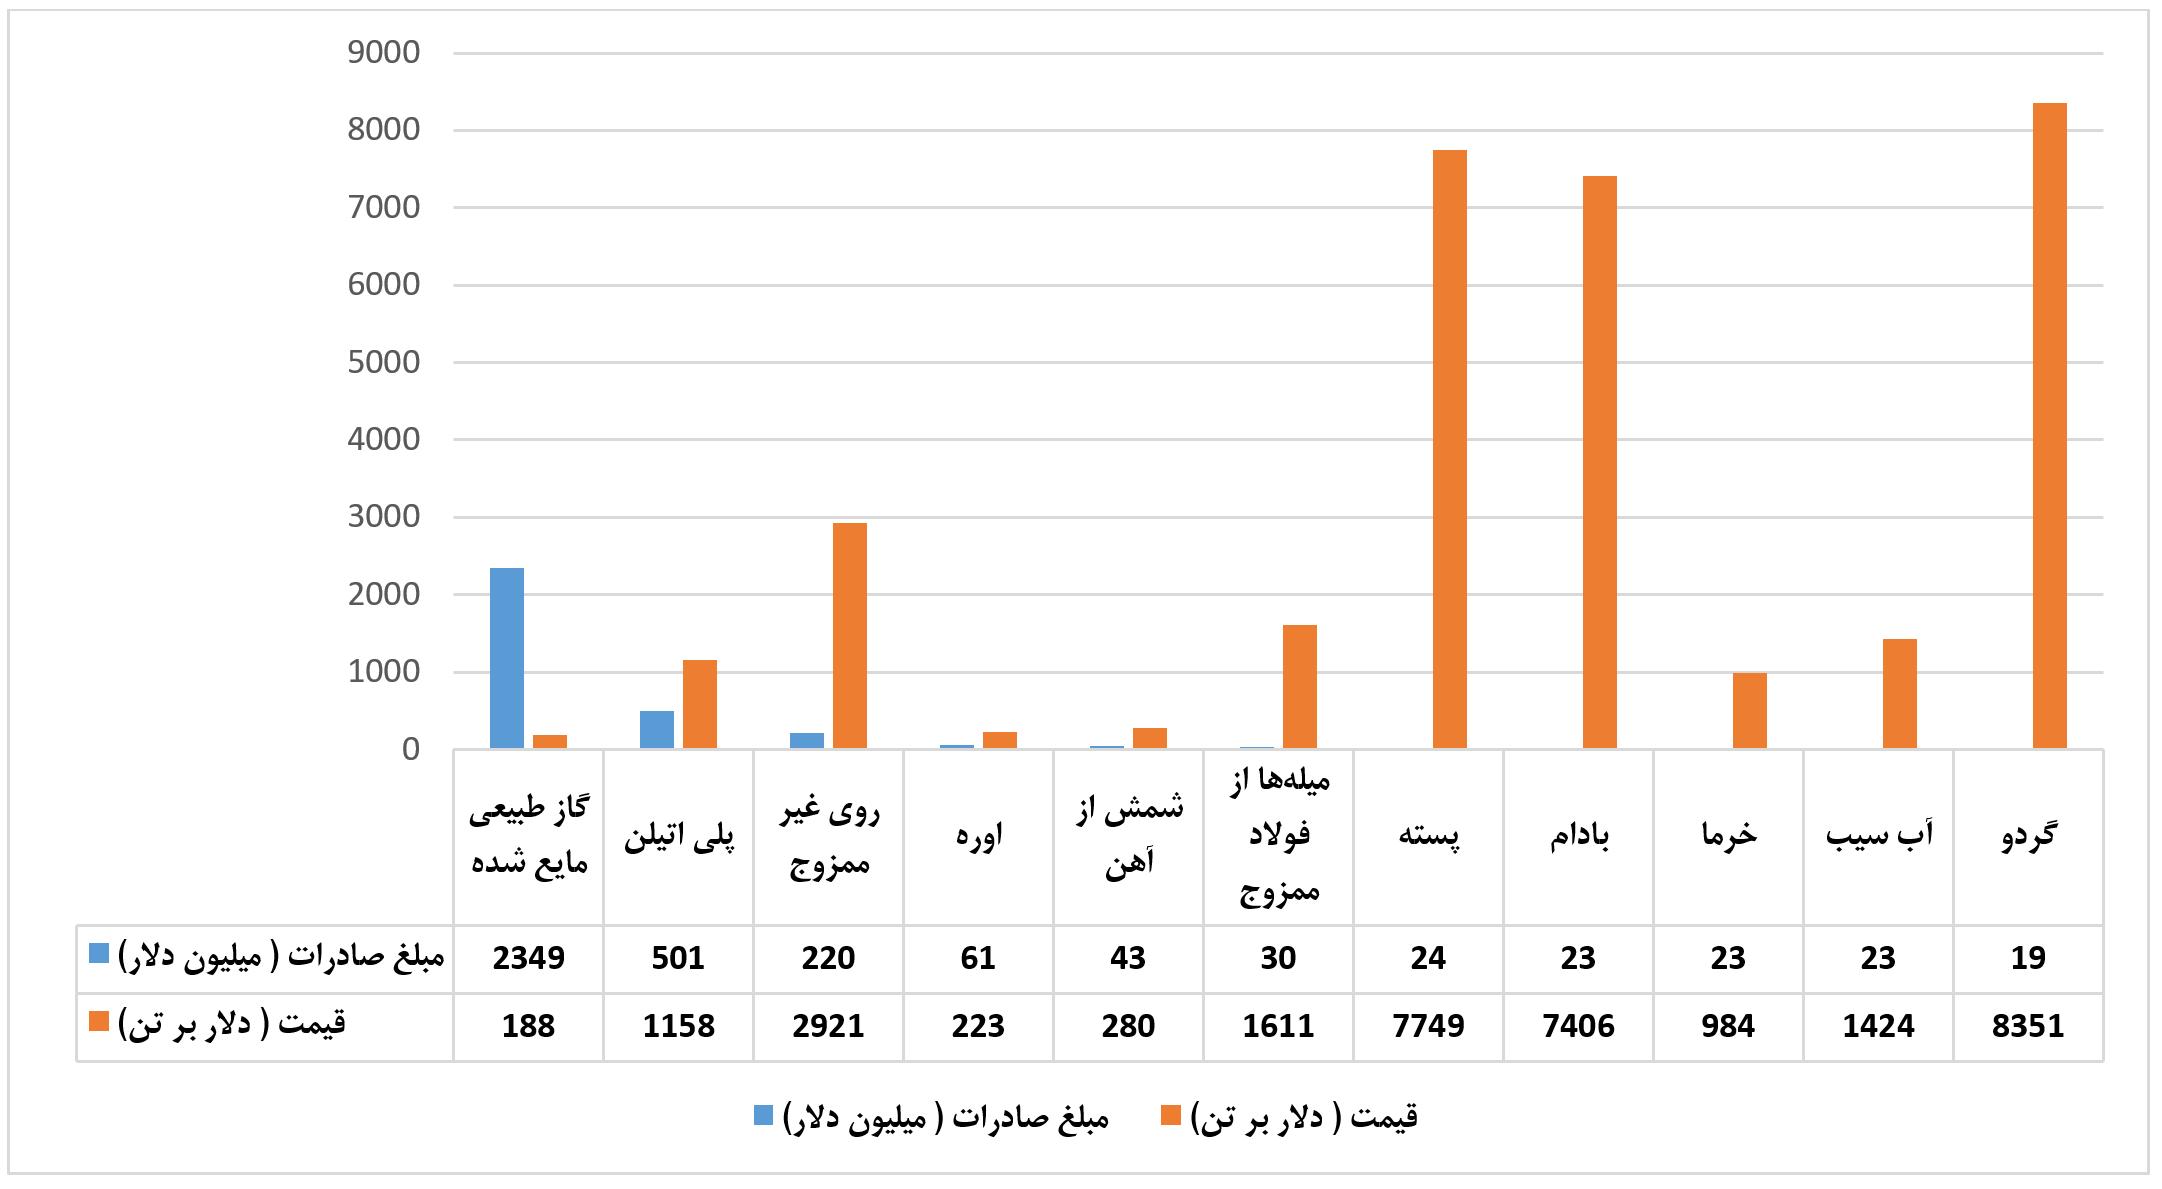 نمودار تجارت دوجانبه ایران و ترکیه نمودار سوم - حذف محدودیتهای وزنی اولویت اصلاح تجارت دوجانبه ایران و ترکیه